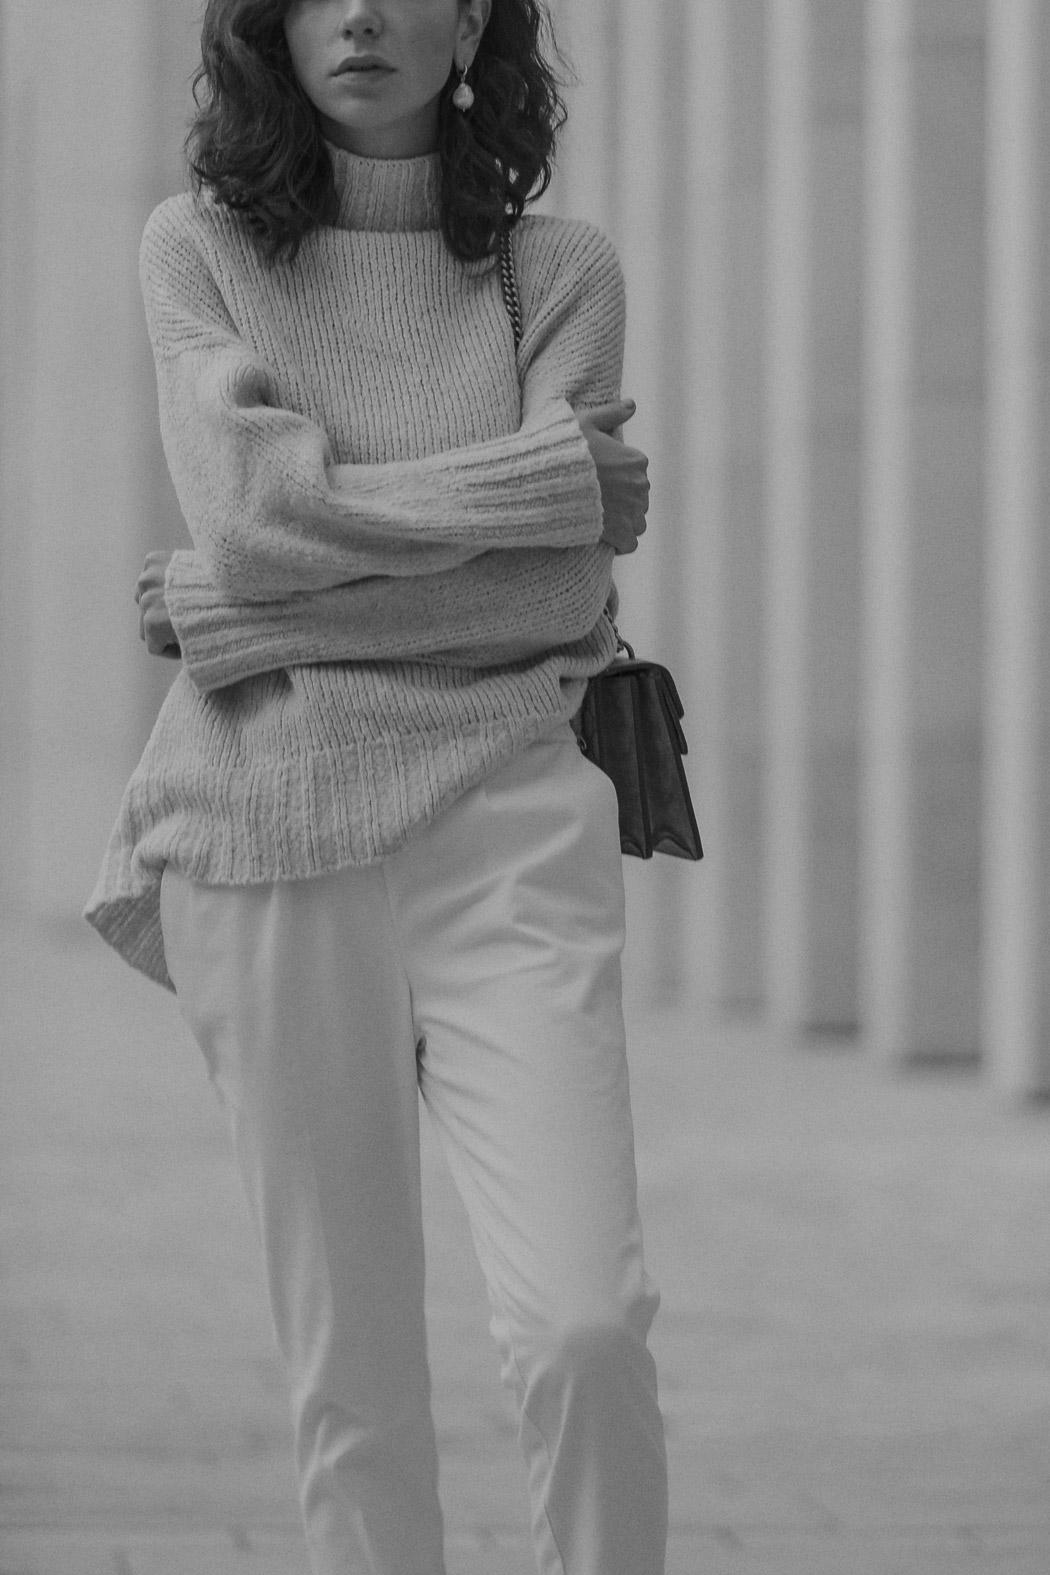 jasmin-kessler-white-winter-outfit-designer-handbag-blogger-2019-a3